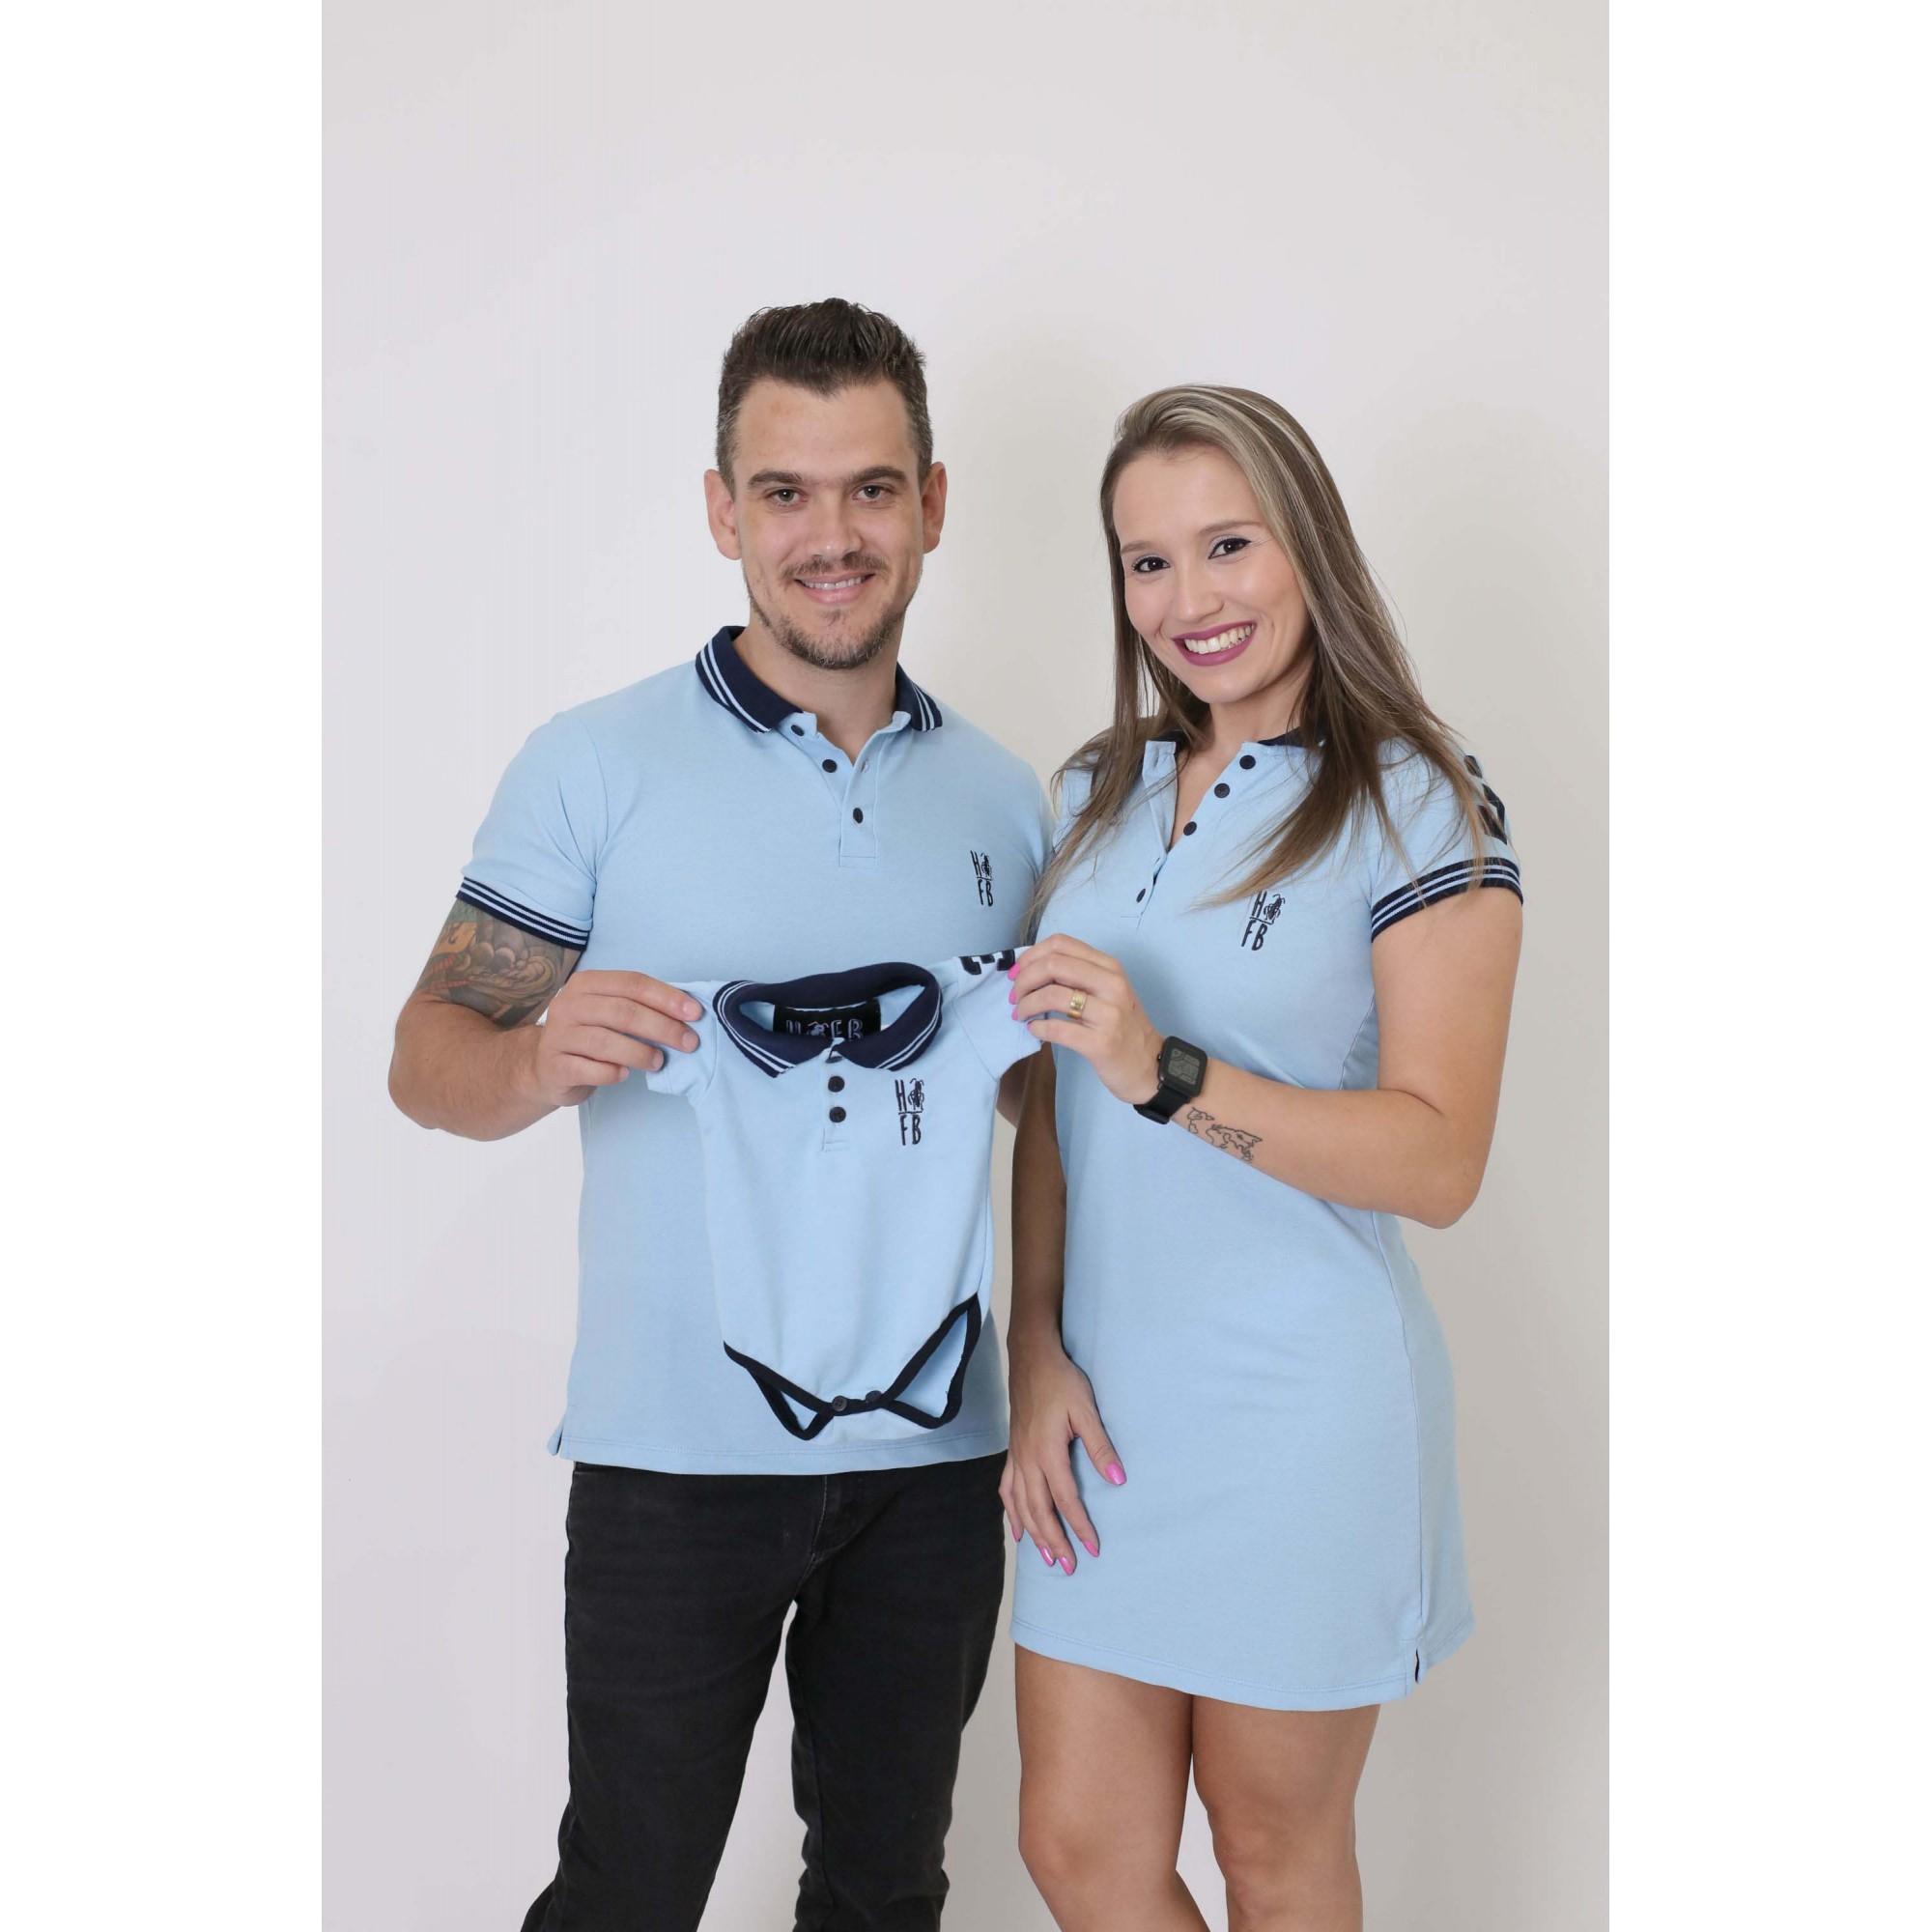 PAIS E FILHOS > Kit 3 Peças - Camisa + Vestido + Body Unissex - Azul Nobreza [Coleção Família]